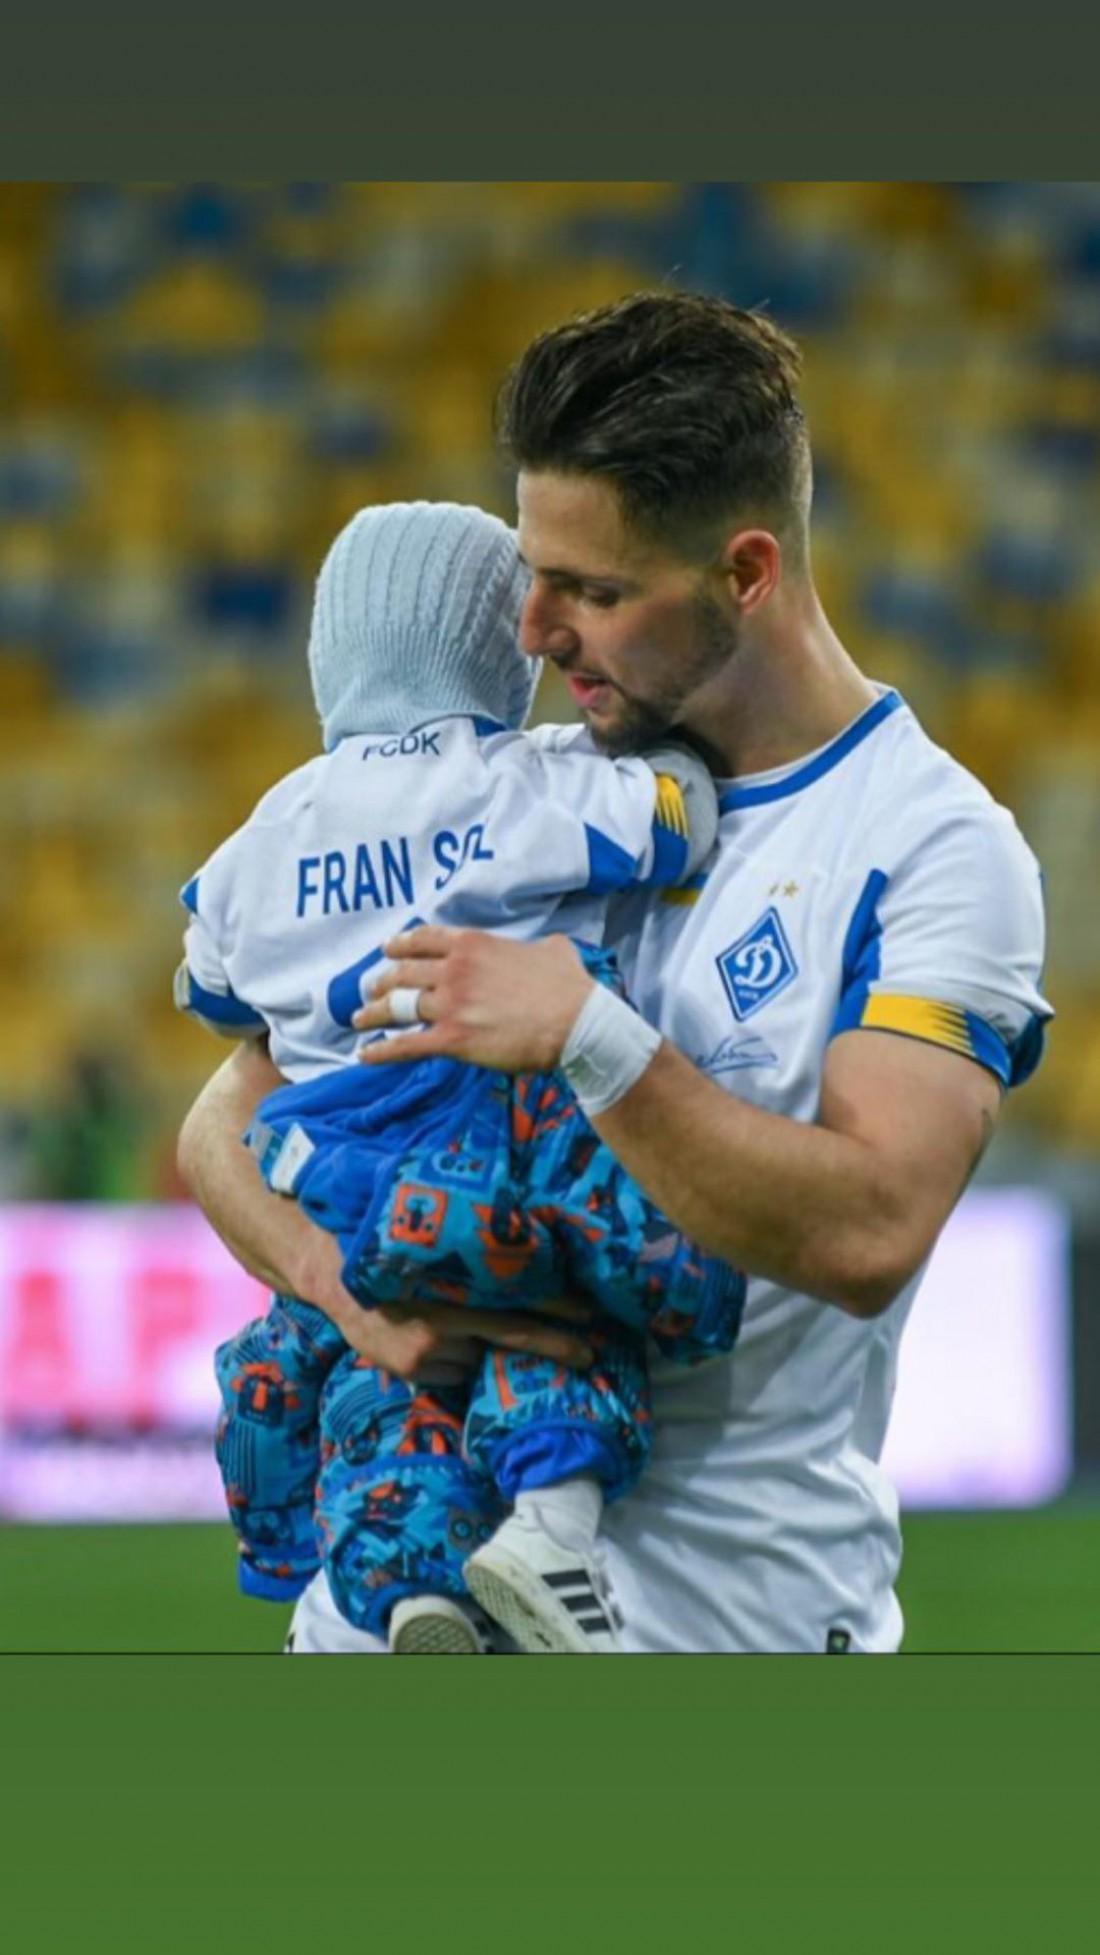 Фран Соль со своим сыном